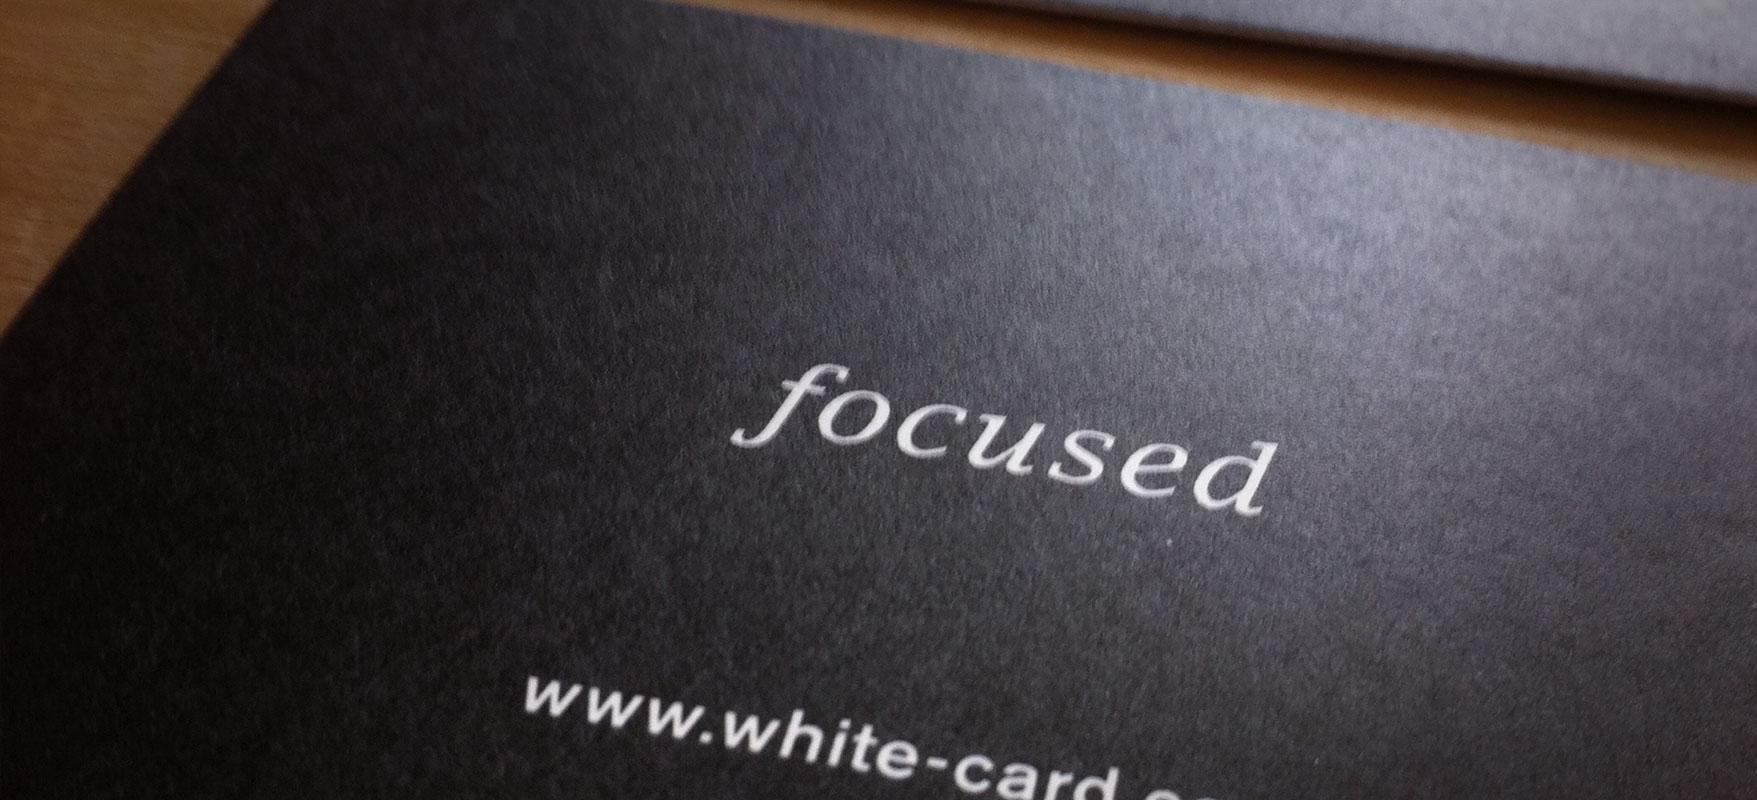 [ white-card ]